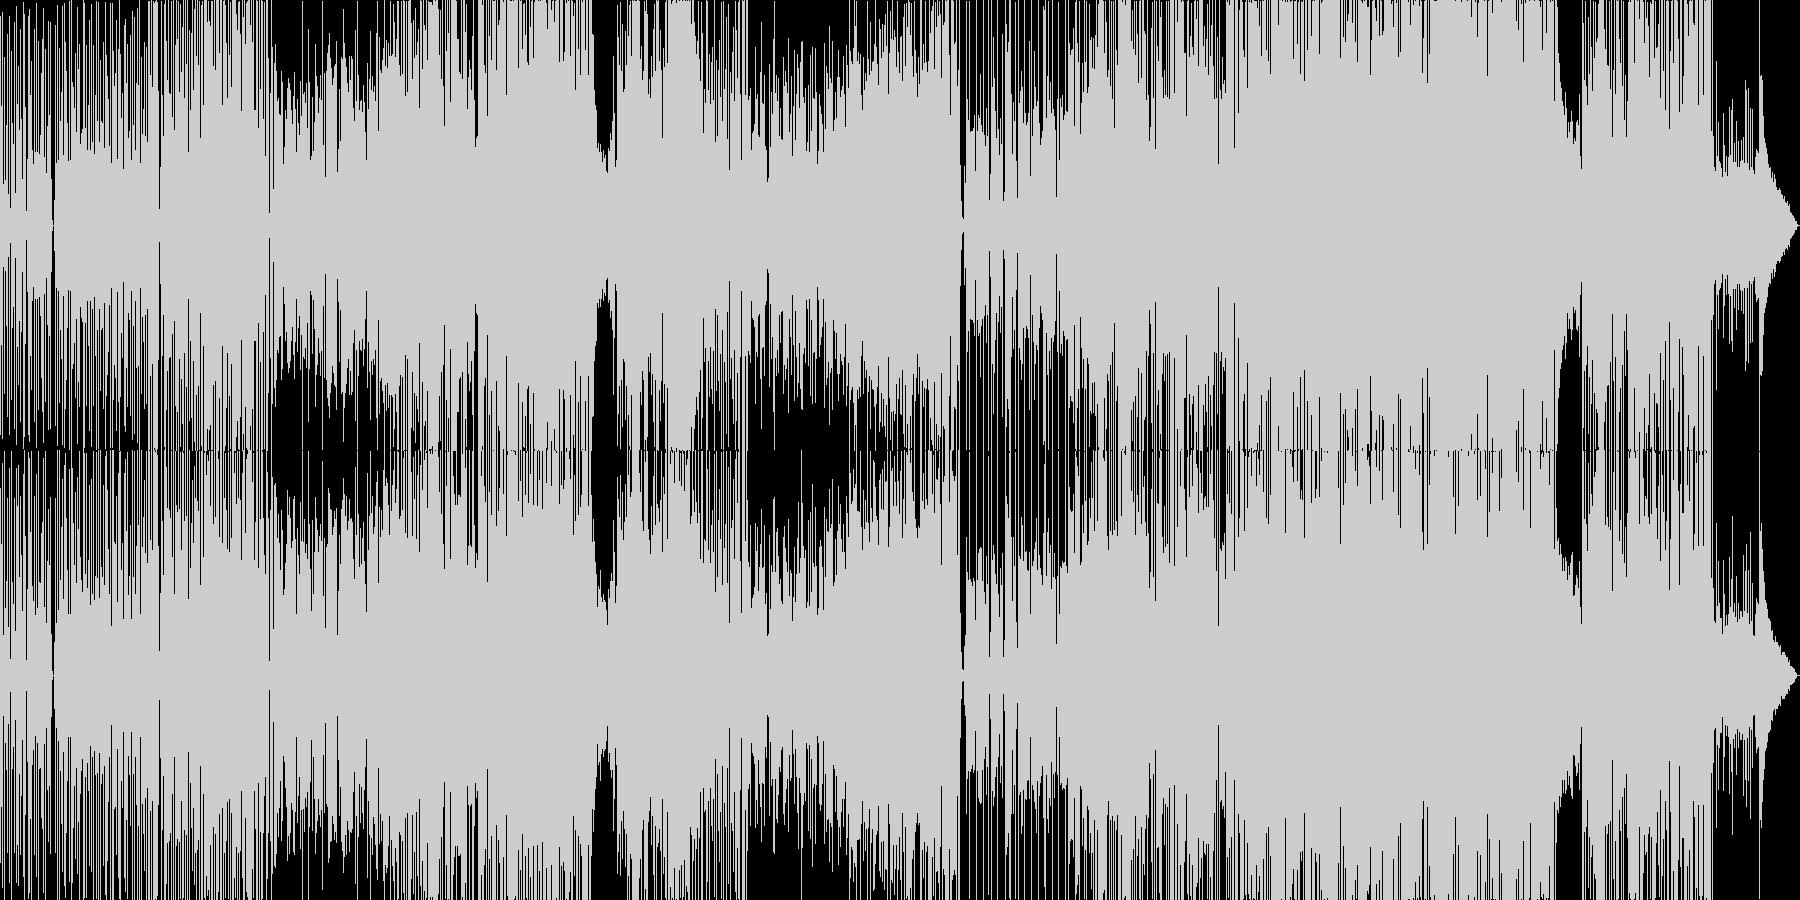 孤独感や切なさの中に温かみのあるバラードの未再生の波形